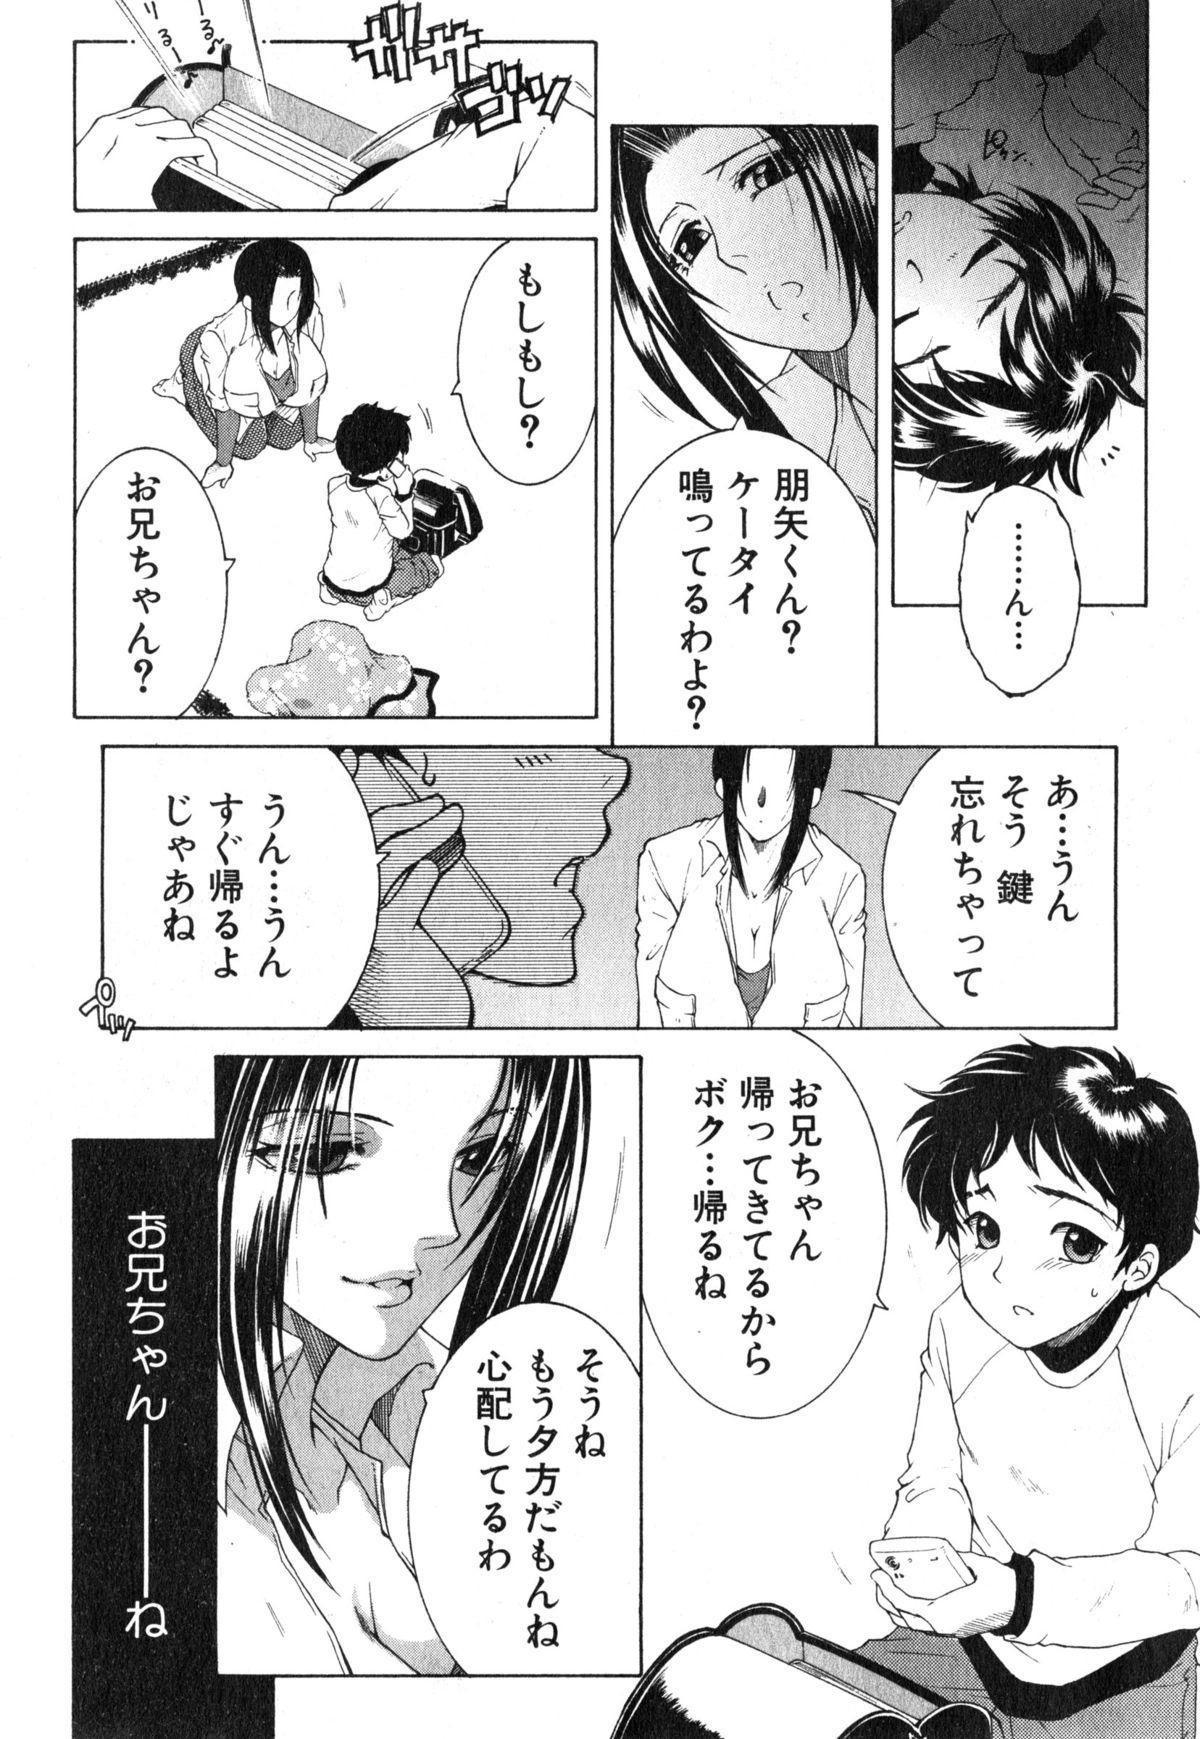 Boku no Katei Chijou Ch. 1-3 38